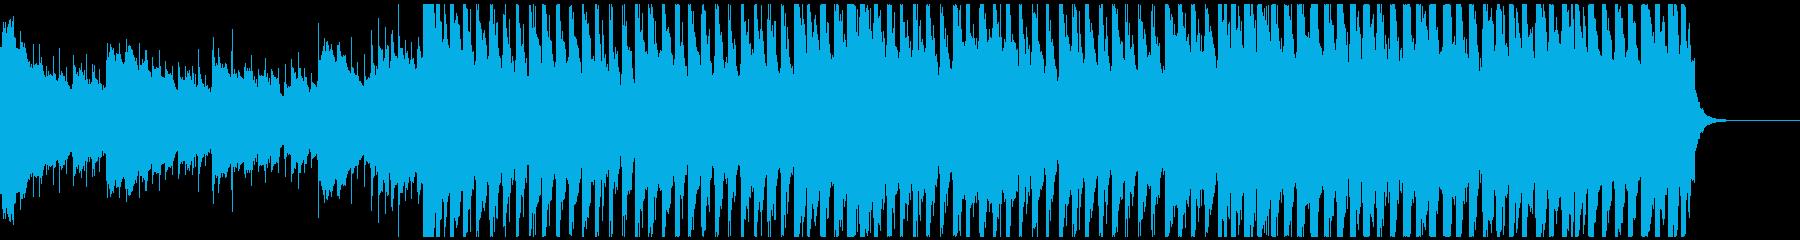 60秒版企業VP徐々に立ち上がっていく曲の再生済みの波形